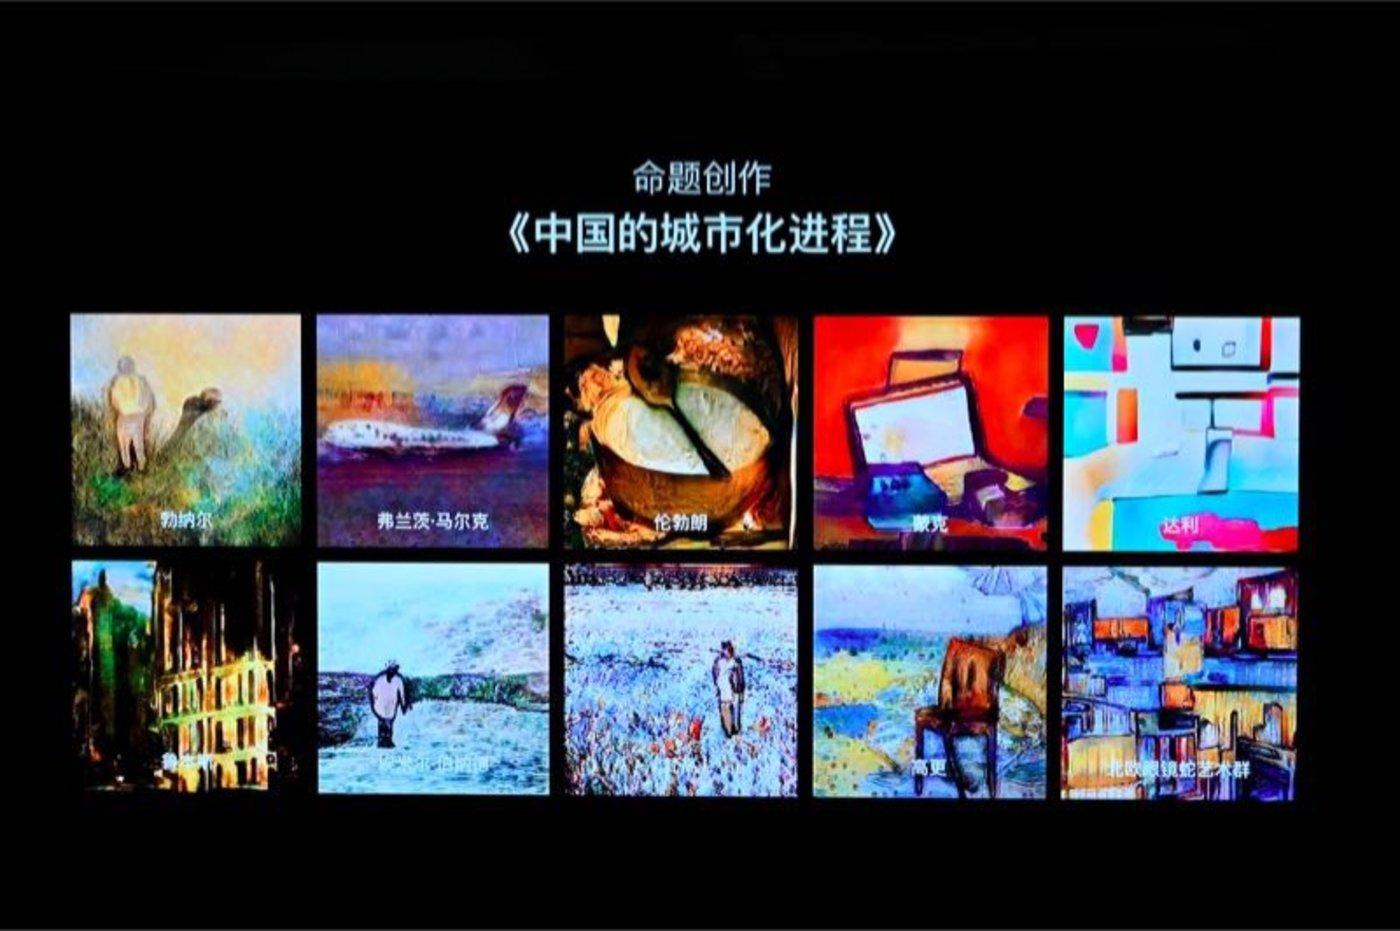 """小冰以""""中国的城市化进程""""为命题,仿照人类画家的风格进行的命题创作。"""